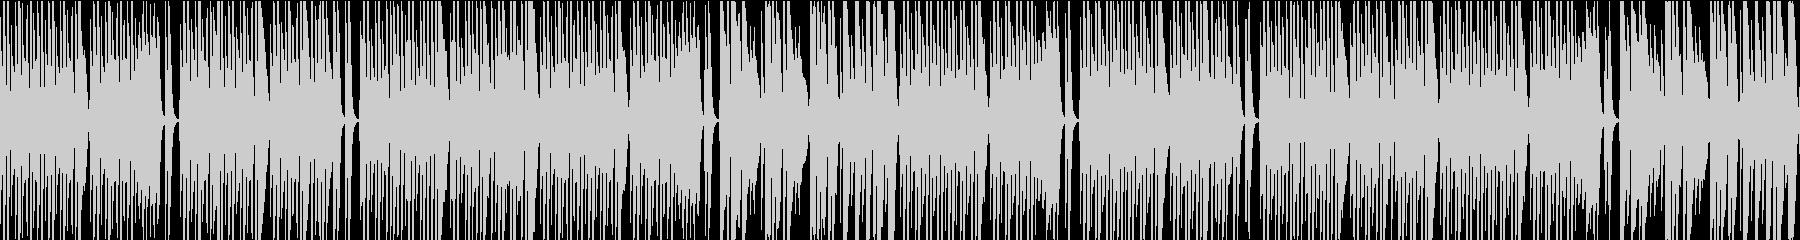 メロディの少ない可愛いポップス(ループ版の未再生の波形